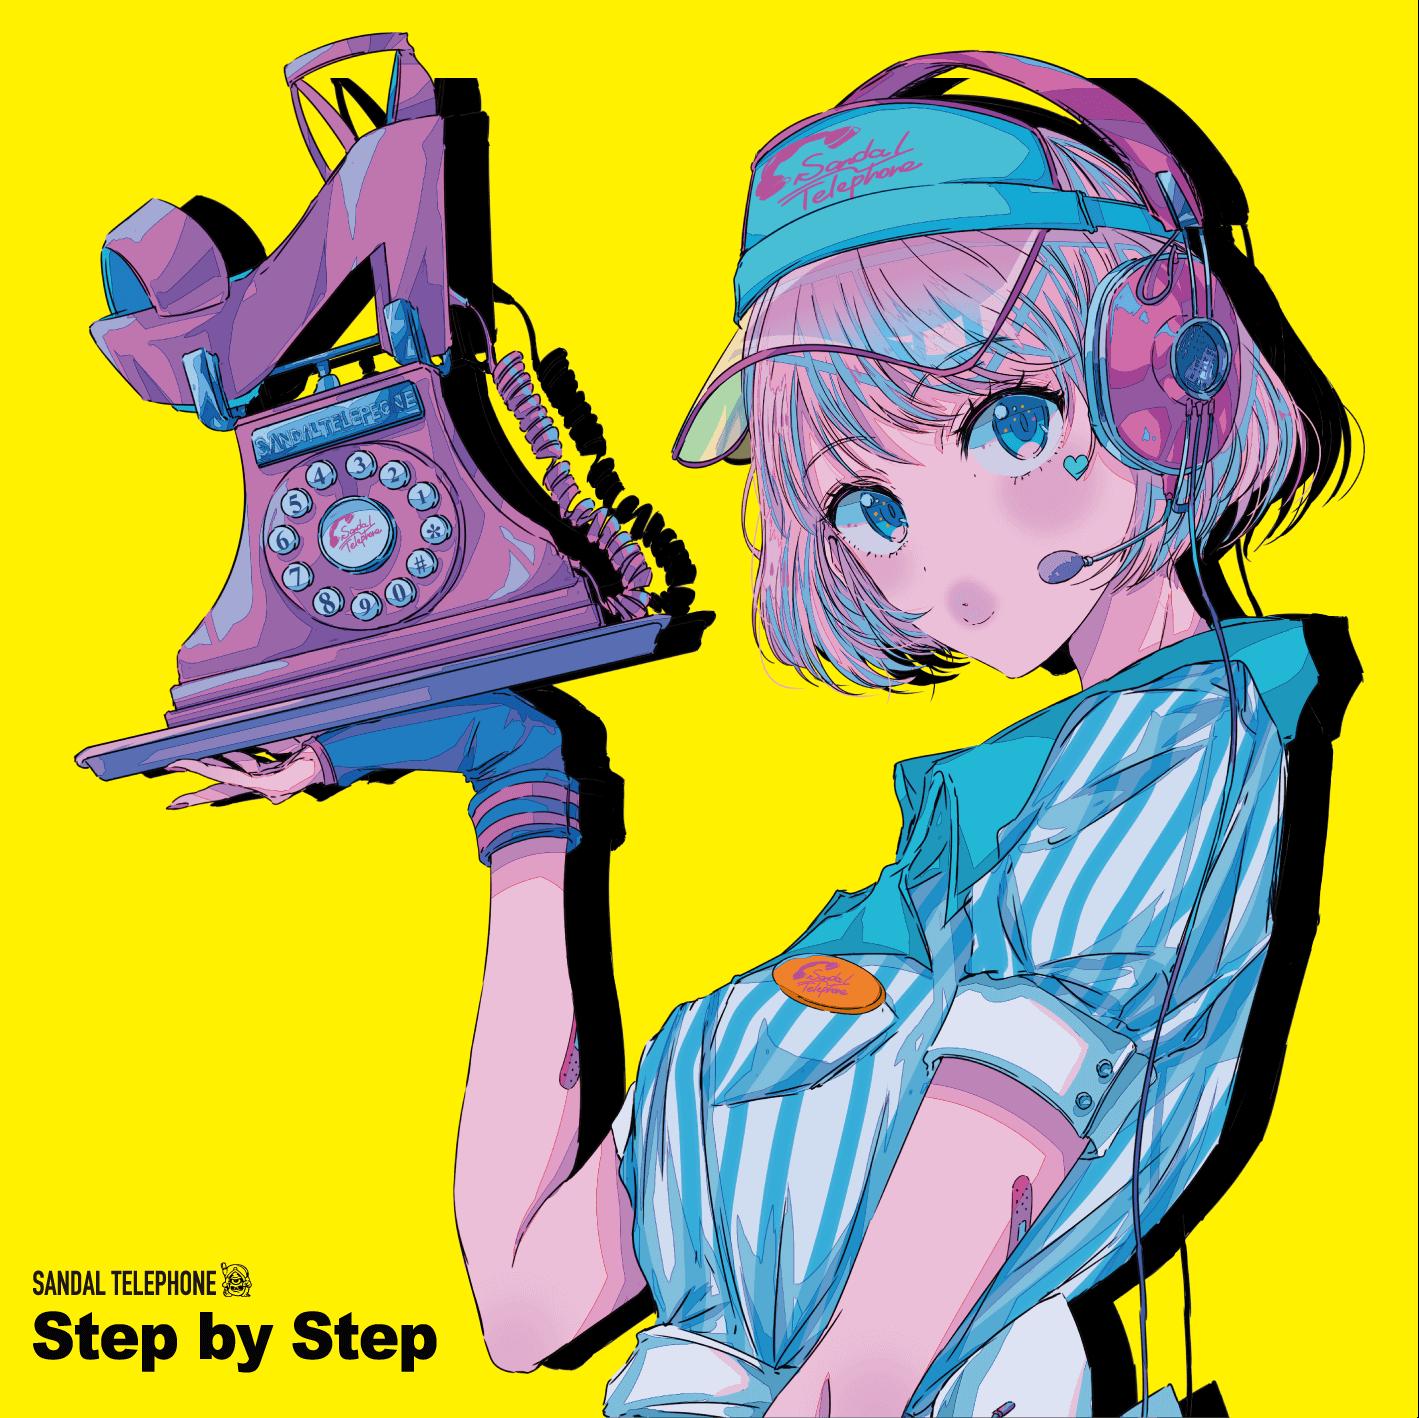 【選べる特典付き】サンダルテレフォン「Step by Step(A盤)」(SDTP-4)